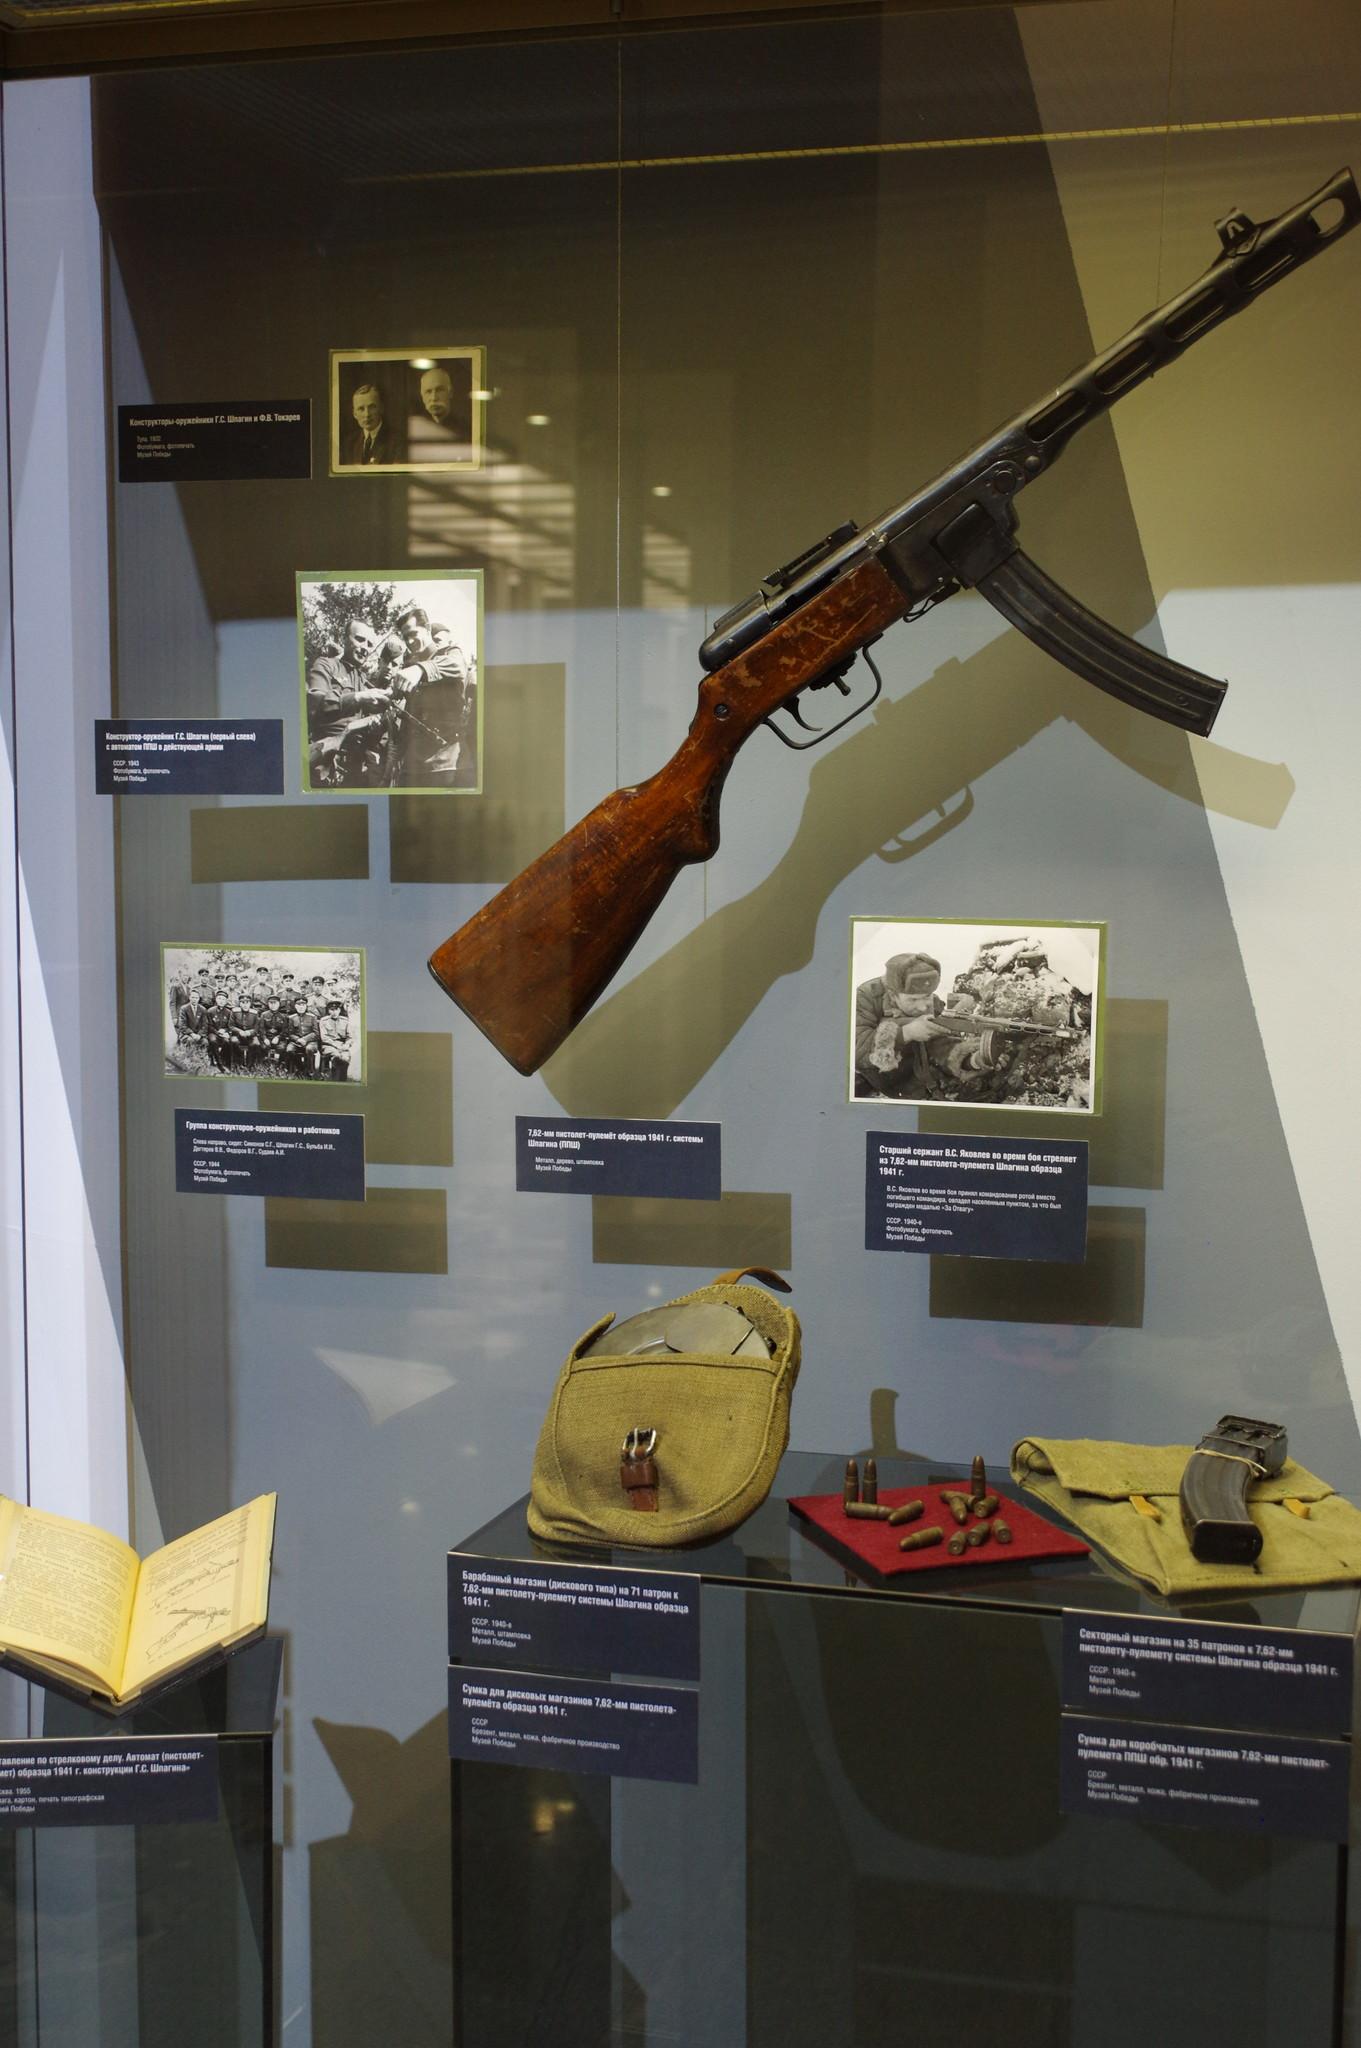 7,62-мм пистолет-пулемёт образца 1941 г. системы Шпагина (ППШ). Металл, дерево, штамповка. Музей Победы